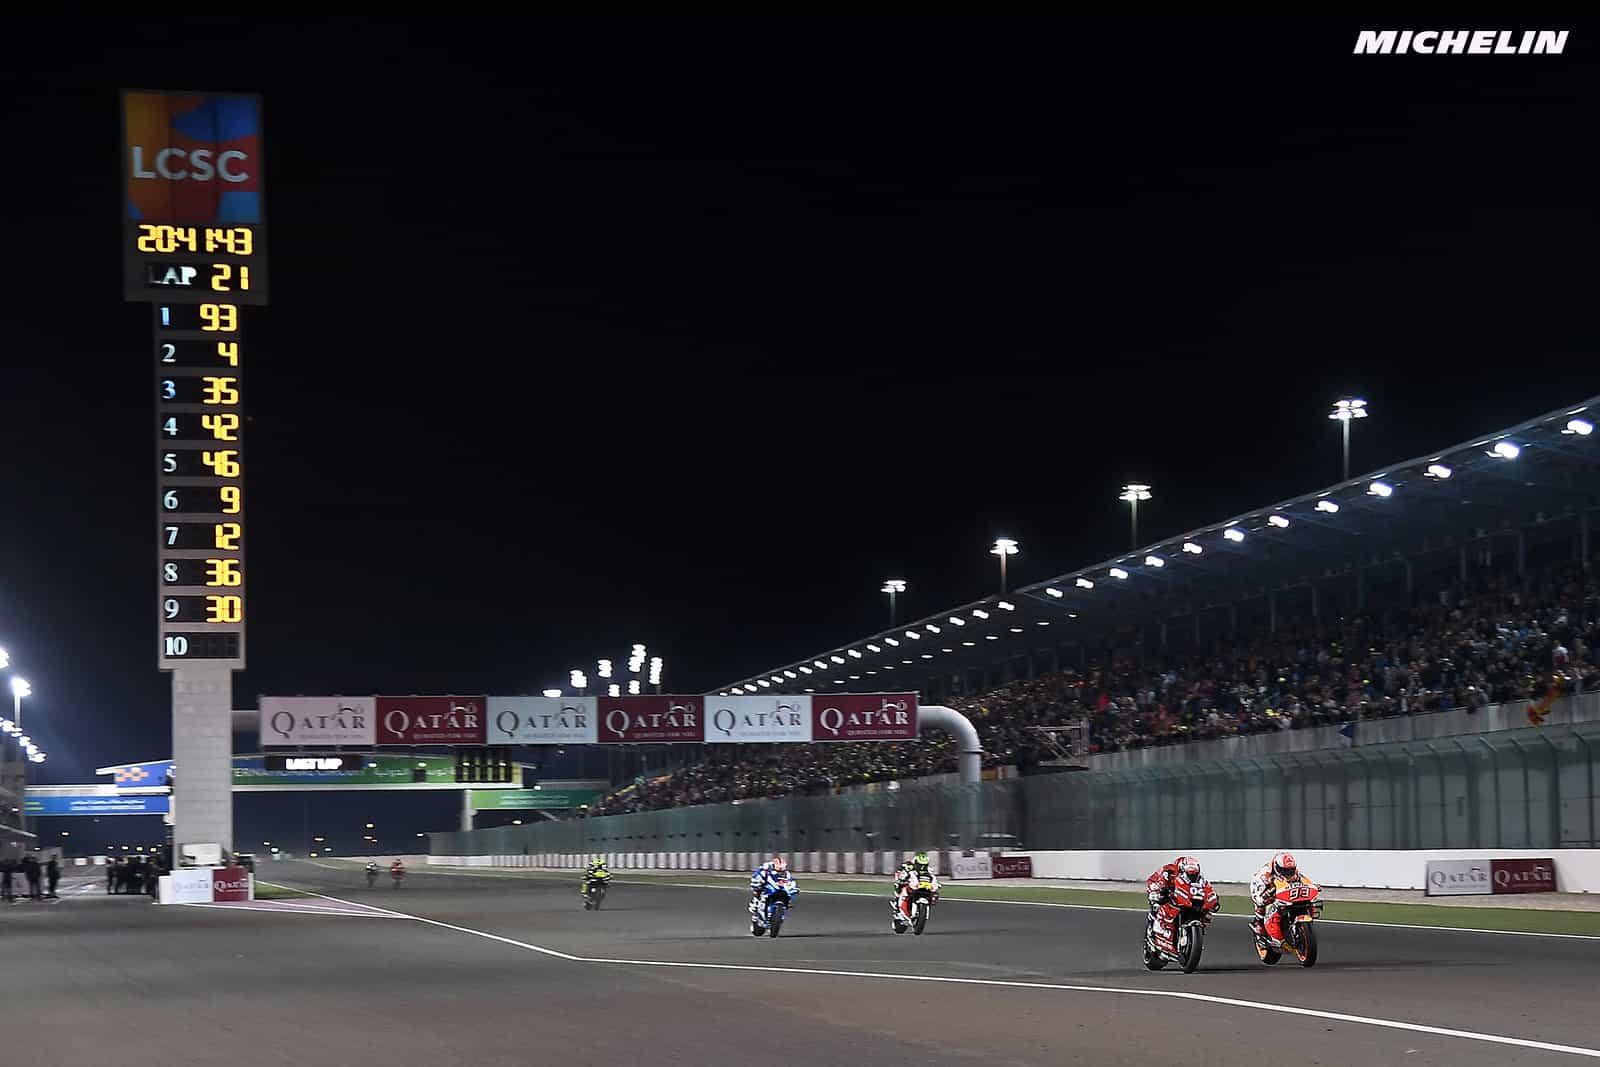 MotoGP2021 セパンテストの代替開催なし、シェイクダウンはカタールで3月に開催